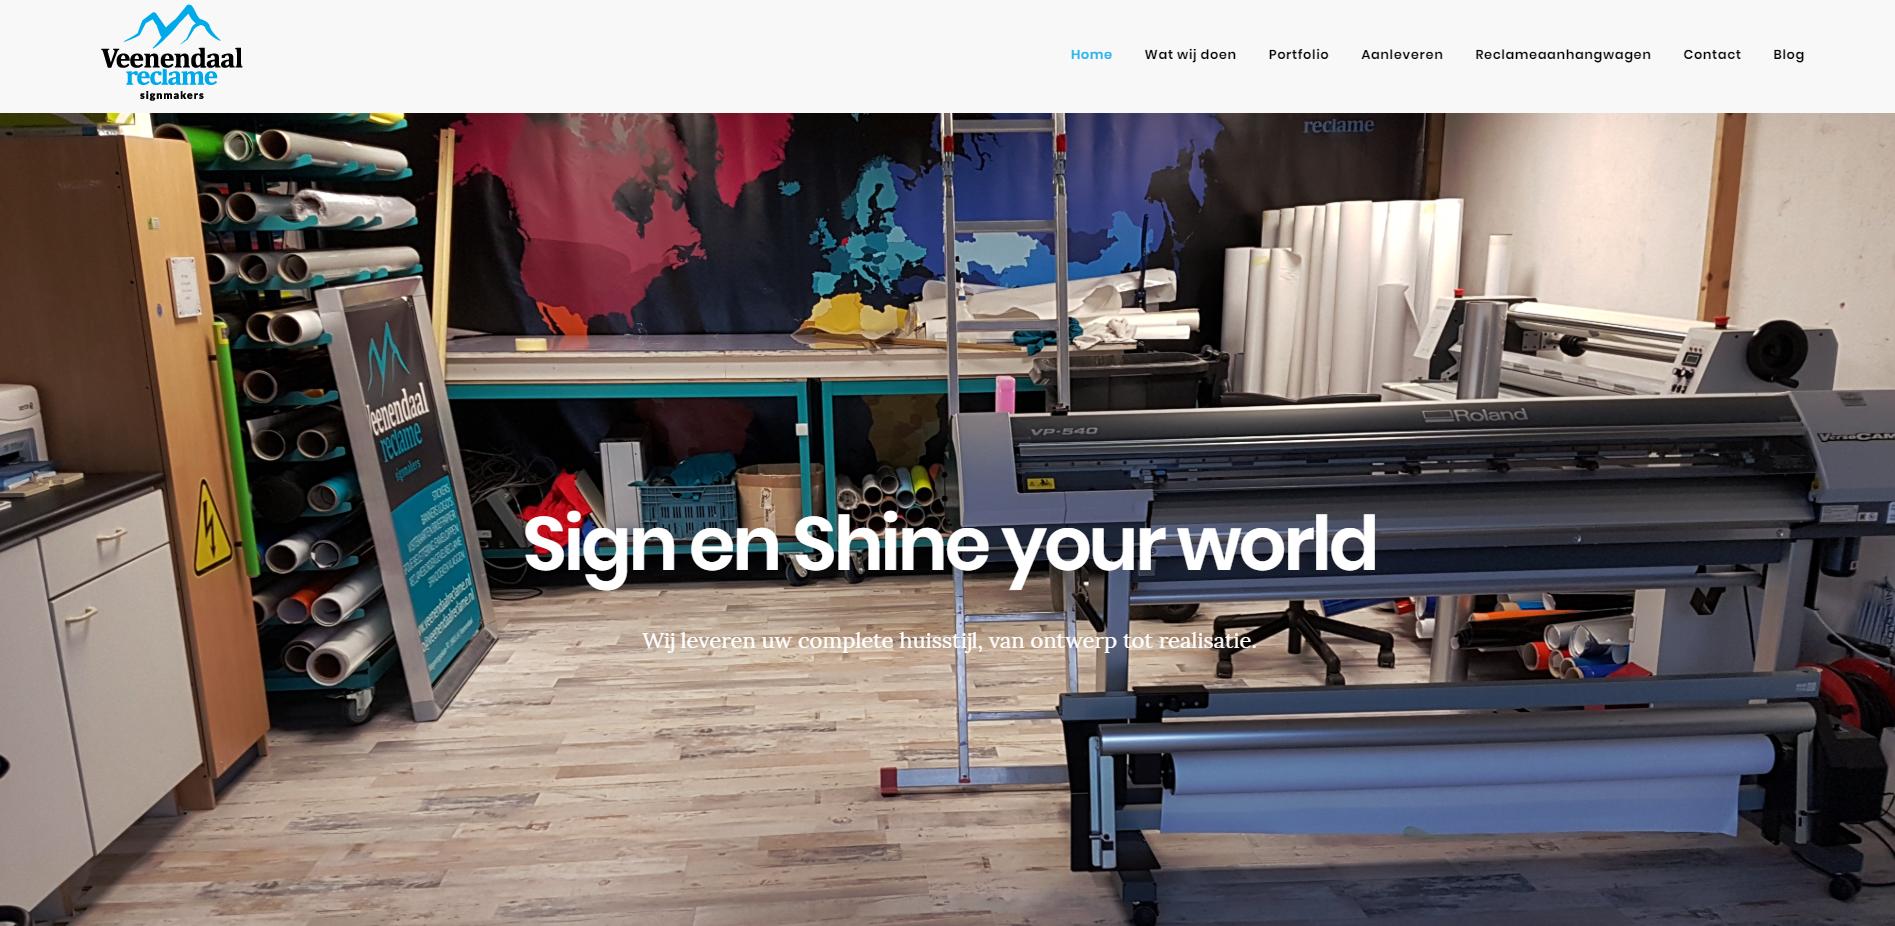 Vernieuwde website van Veenendaal Reclame